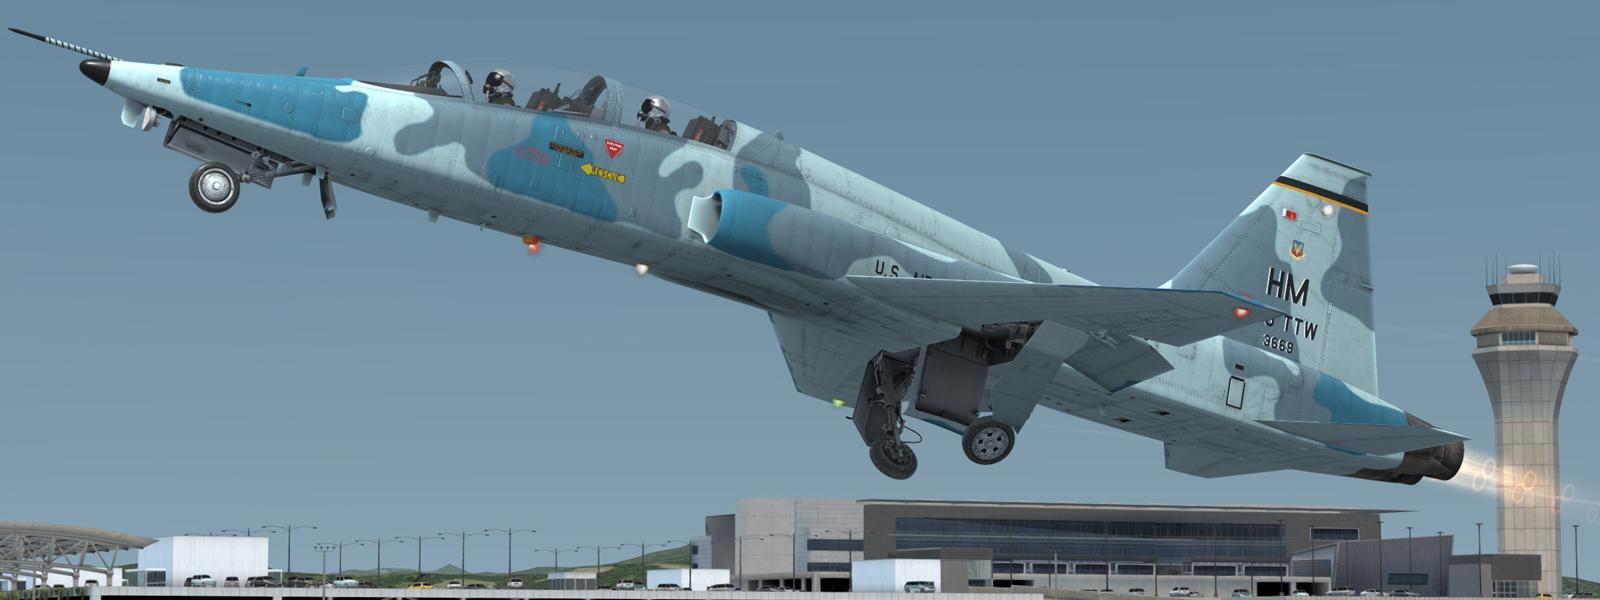 T-38C